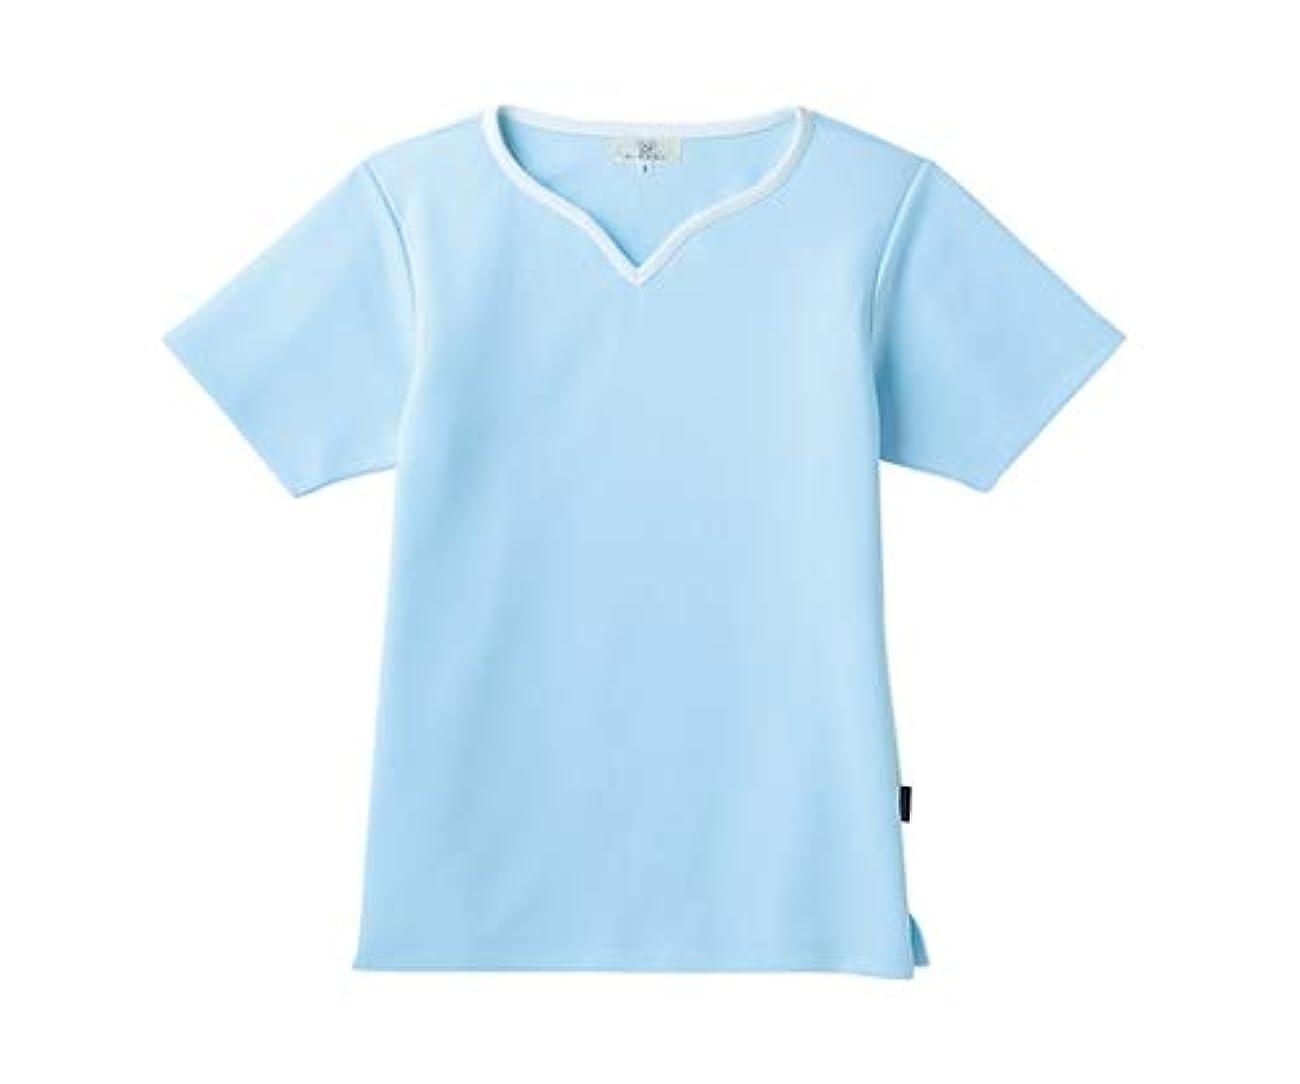 シェーバー鳩強大なトンボ/KIRAKU レディス入浴介助用シャツ CR161 3L サックス